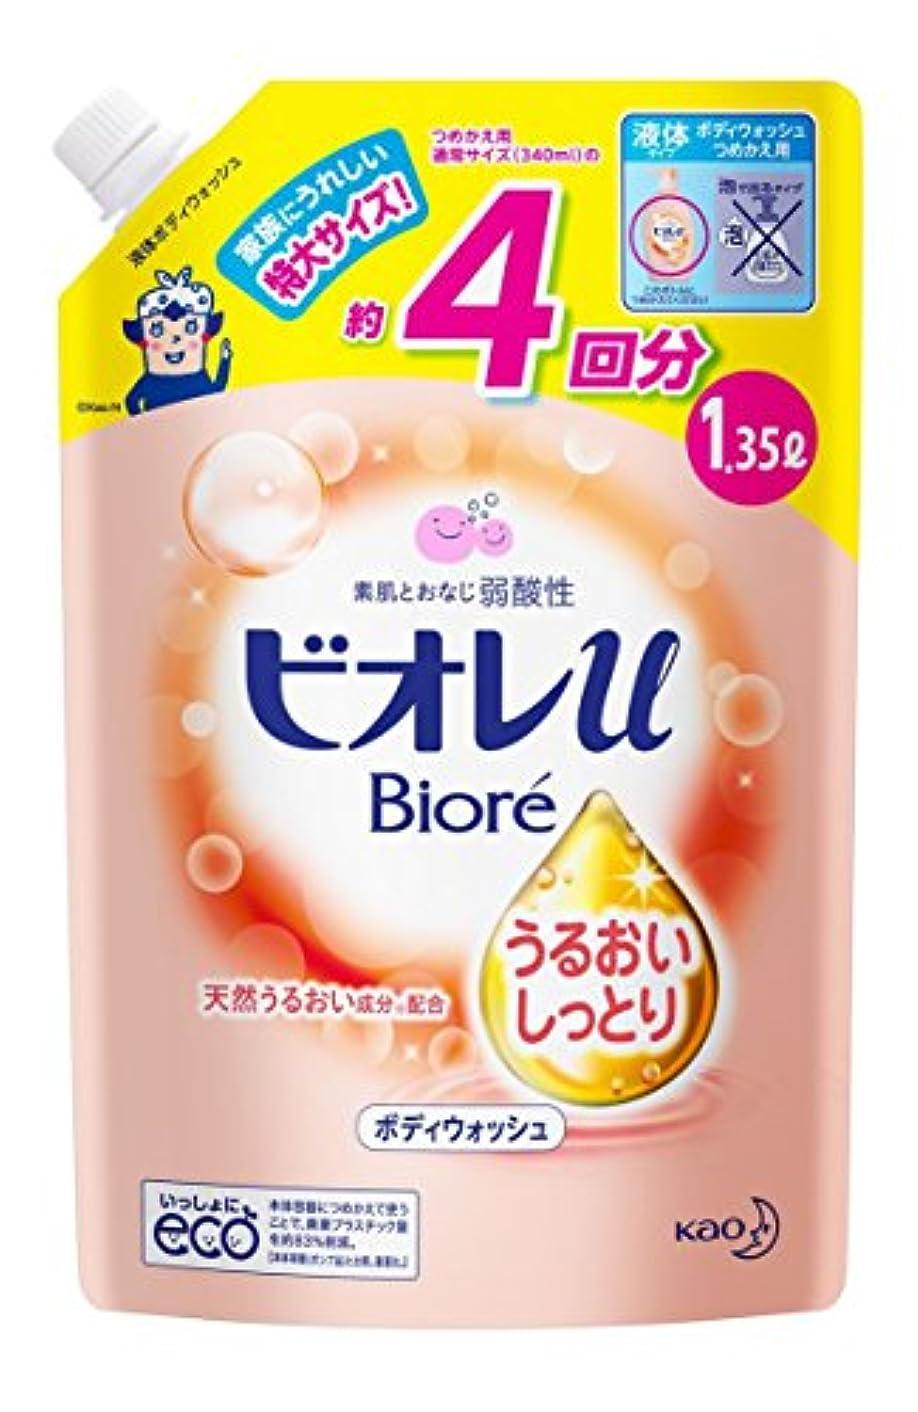 パトロールステレオタイプ霜【大容量】ビオレU うるおいしっとり つめかえ用 1350ml